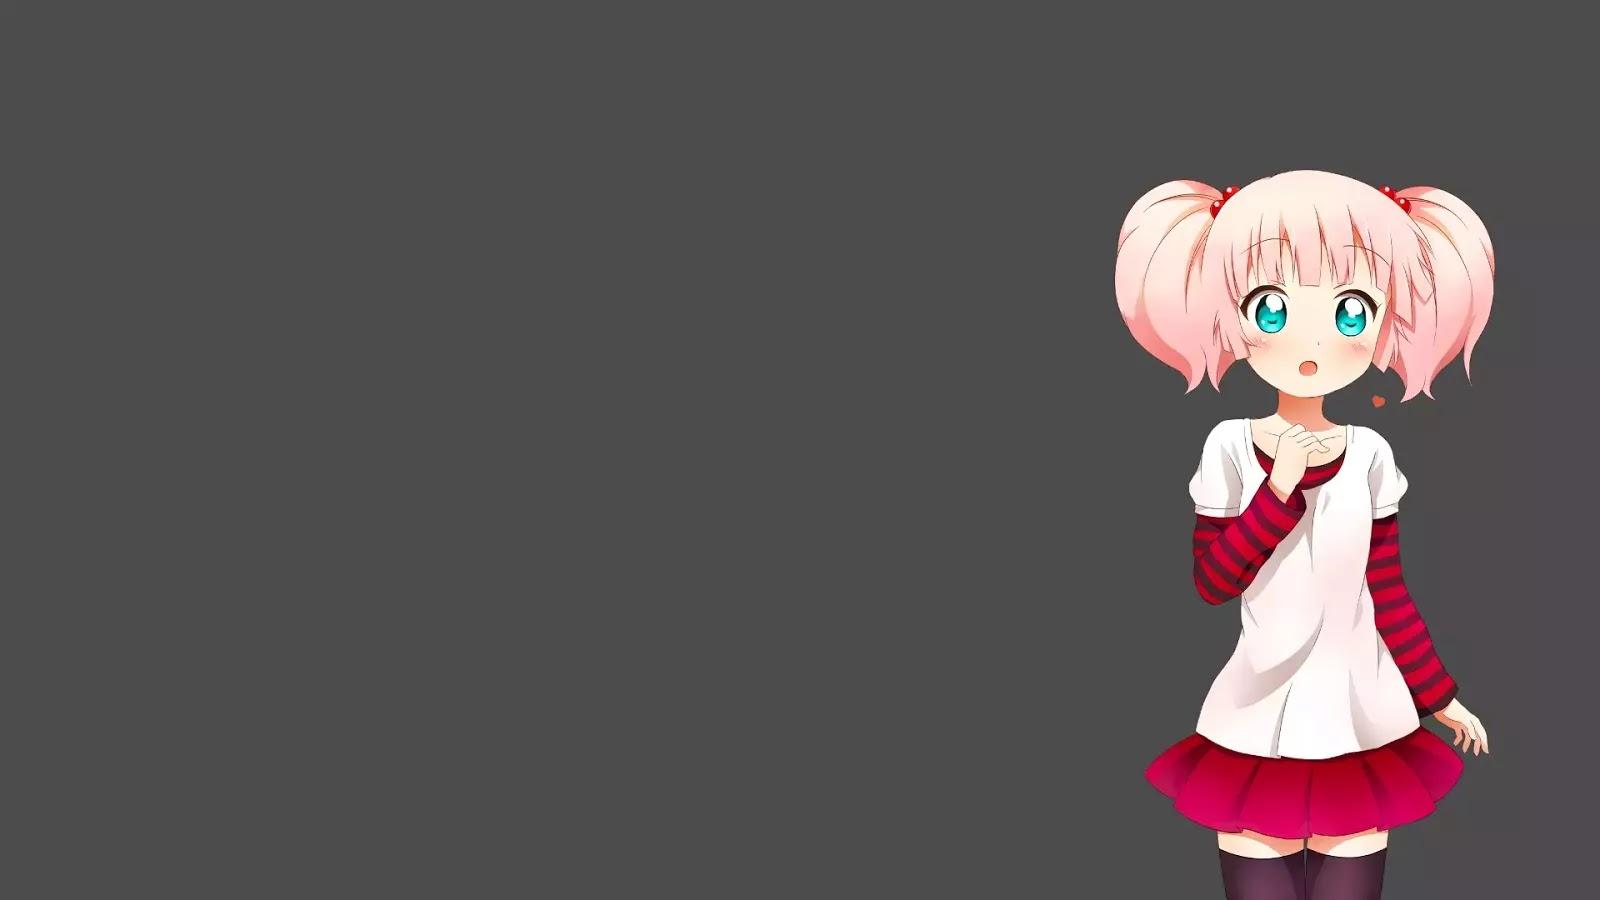 AowVN%2B%25281%2529 - [ Hình Nền ] Loli cực đẹp , cực độc Full HD | Anime Wallpaper